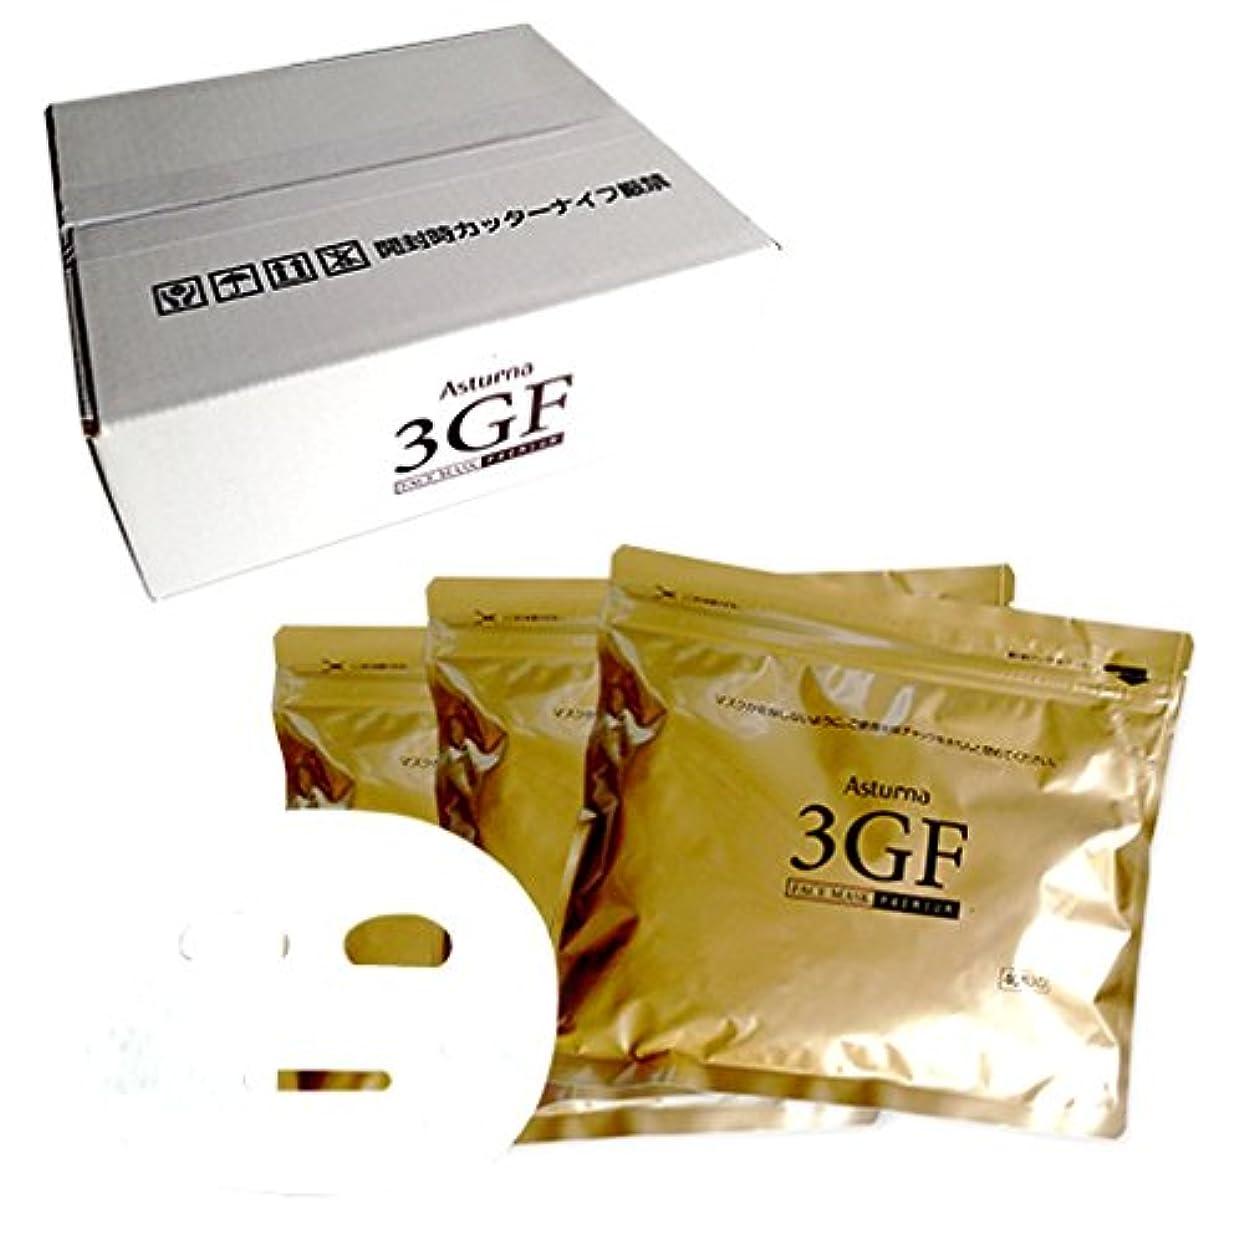 やさしく忠実みなす【まとめ買い】アスターナ 3GF フェイスマスク プレミアム 120枚入(40枚入×3袋)